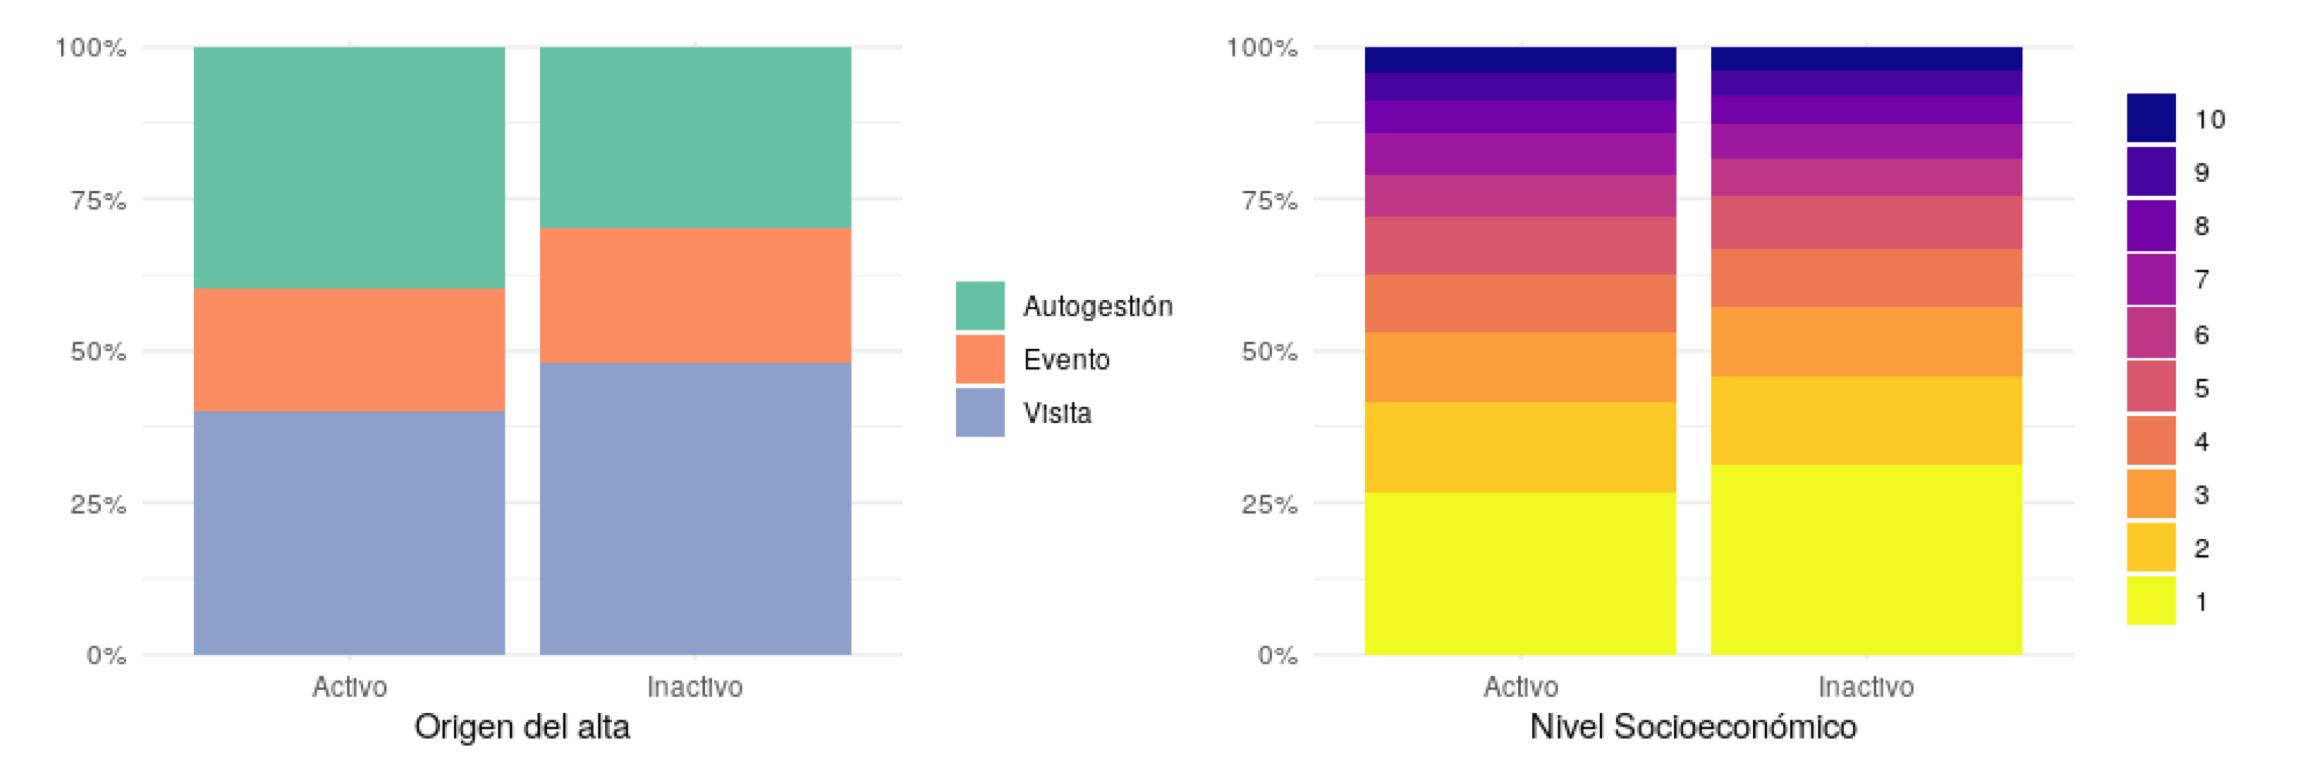 Fig.6. En la figura de la izquierda(a) se puede ver la relación entre el tipo de alta y el uso del pase. Por alta se entiende el proceso de inscripción del beneficiario. En la figura de la derecha (b) se puede ver la relación entre uso del pase y nivel socioeconómico.